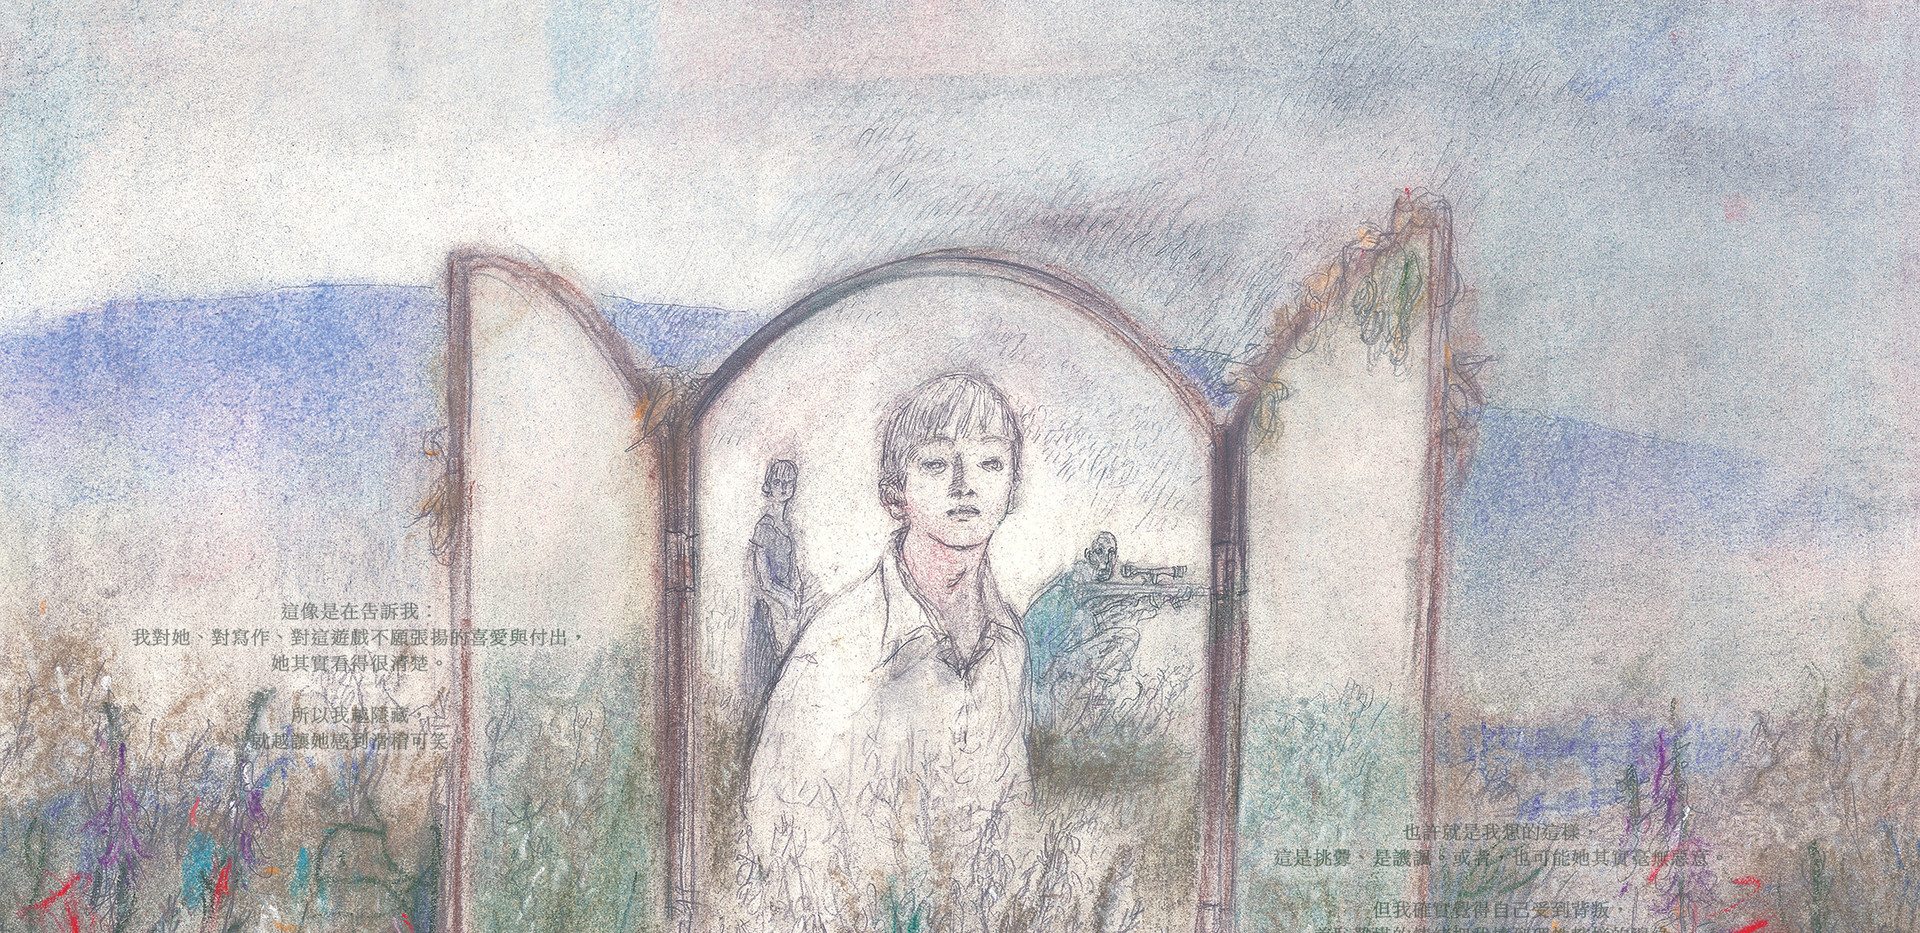 說故事遊戲 第一部 / Storytelling Game p.050-051